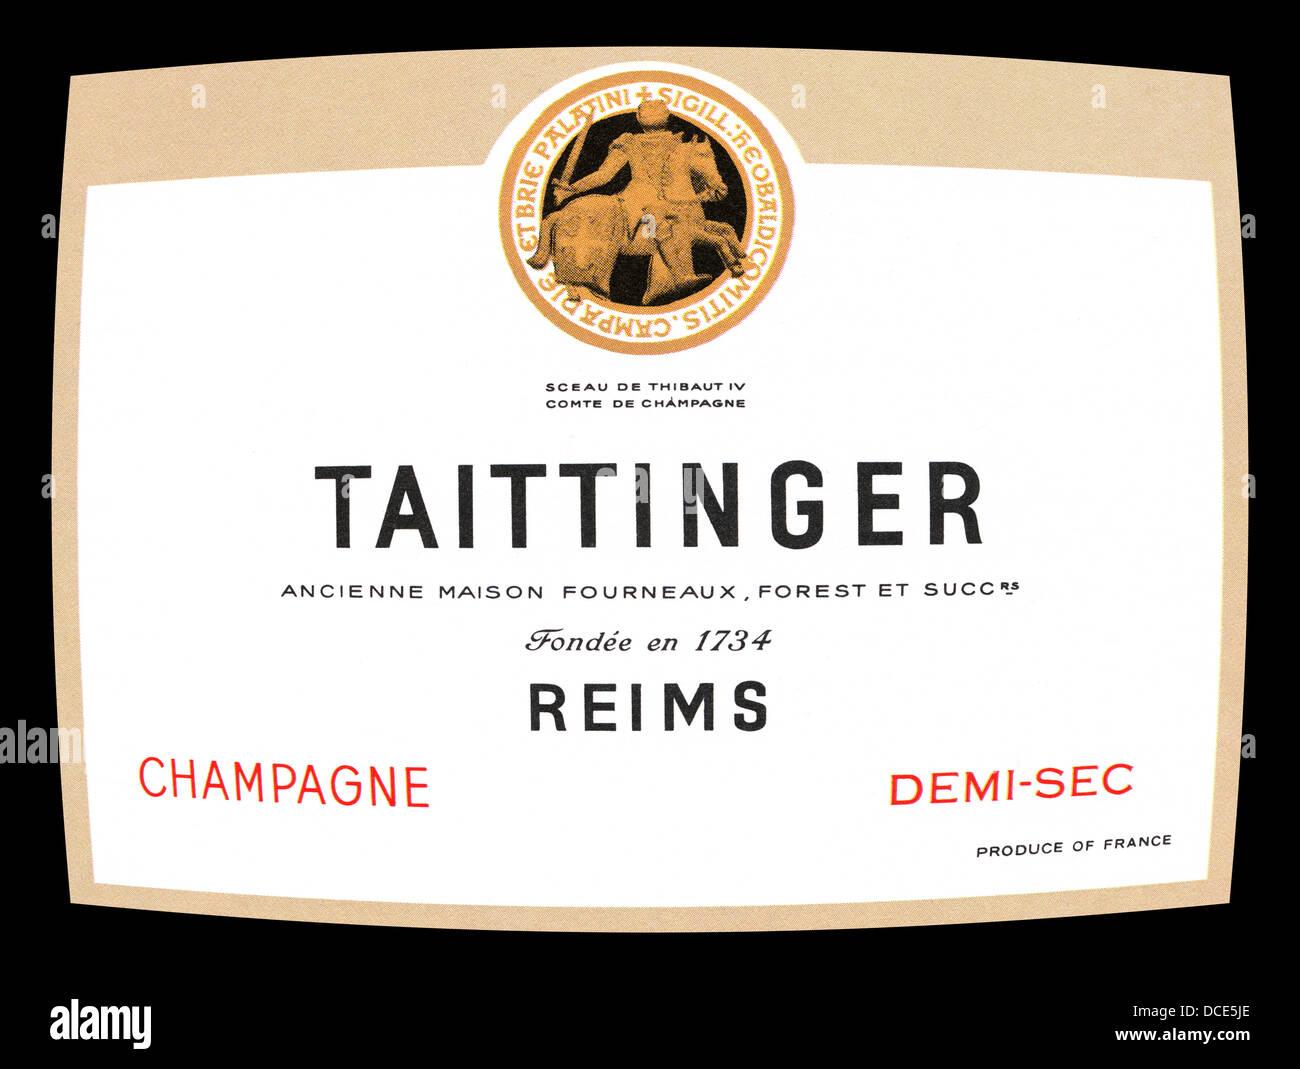 1960's bottle label for Tattinger demi-sec Champagne - Stock Image